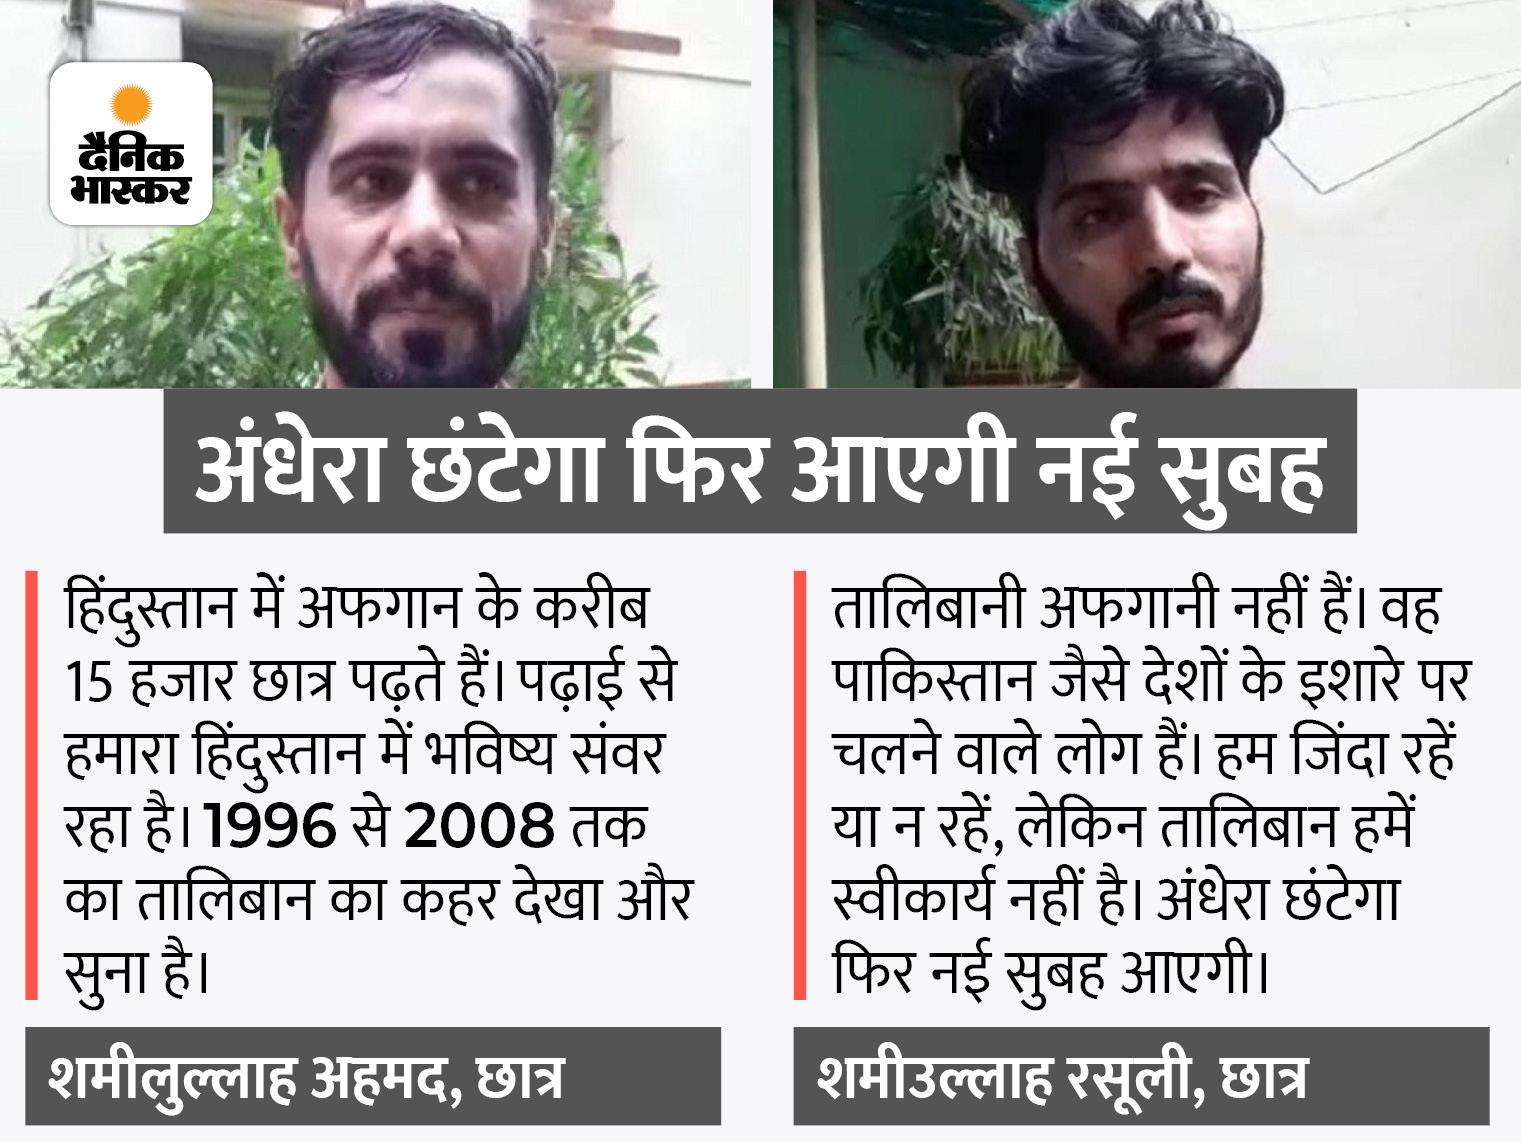 3 दिनों से घर वालों से बात नहीं हुई, कहा- हम जिंदा रहें या न रहें...तालिबान स्वीकार नहीं|वाराणसी,Varanasi - Dainik Bhaskar